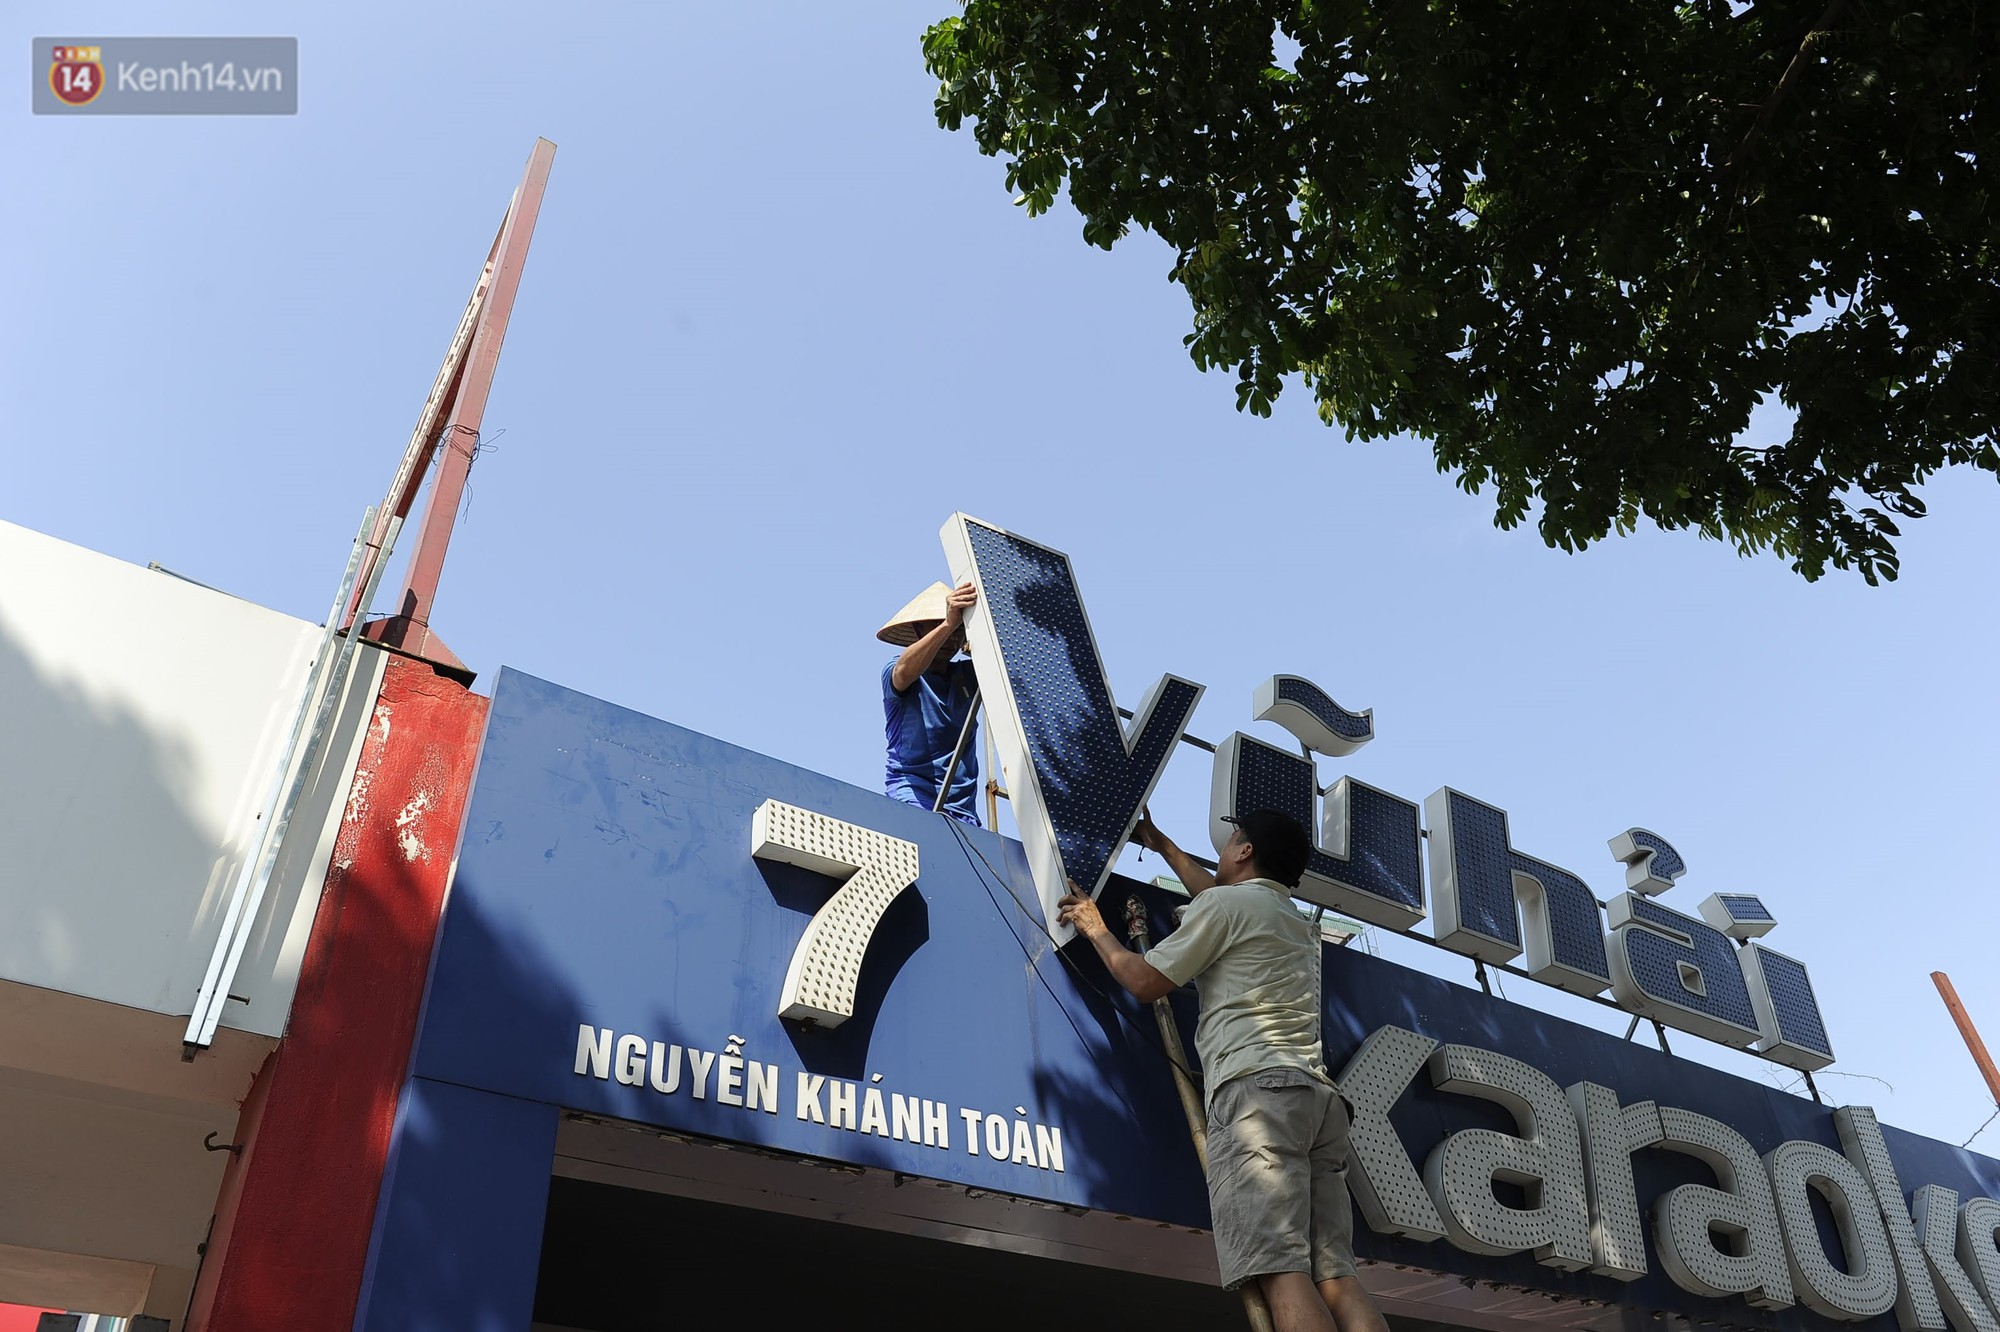 Hà Nội bắt đầu cưỡng chế 42 cơ sở kinh doanh vi phạm trật tự đô thị trên đất vàng Nguyễn Khánh Toàn - Ảnh 3.